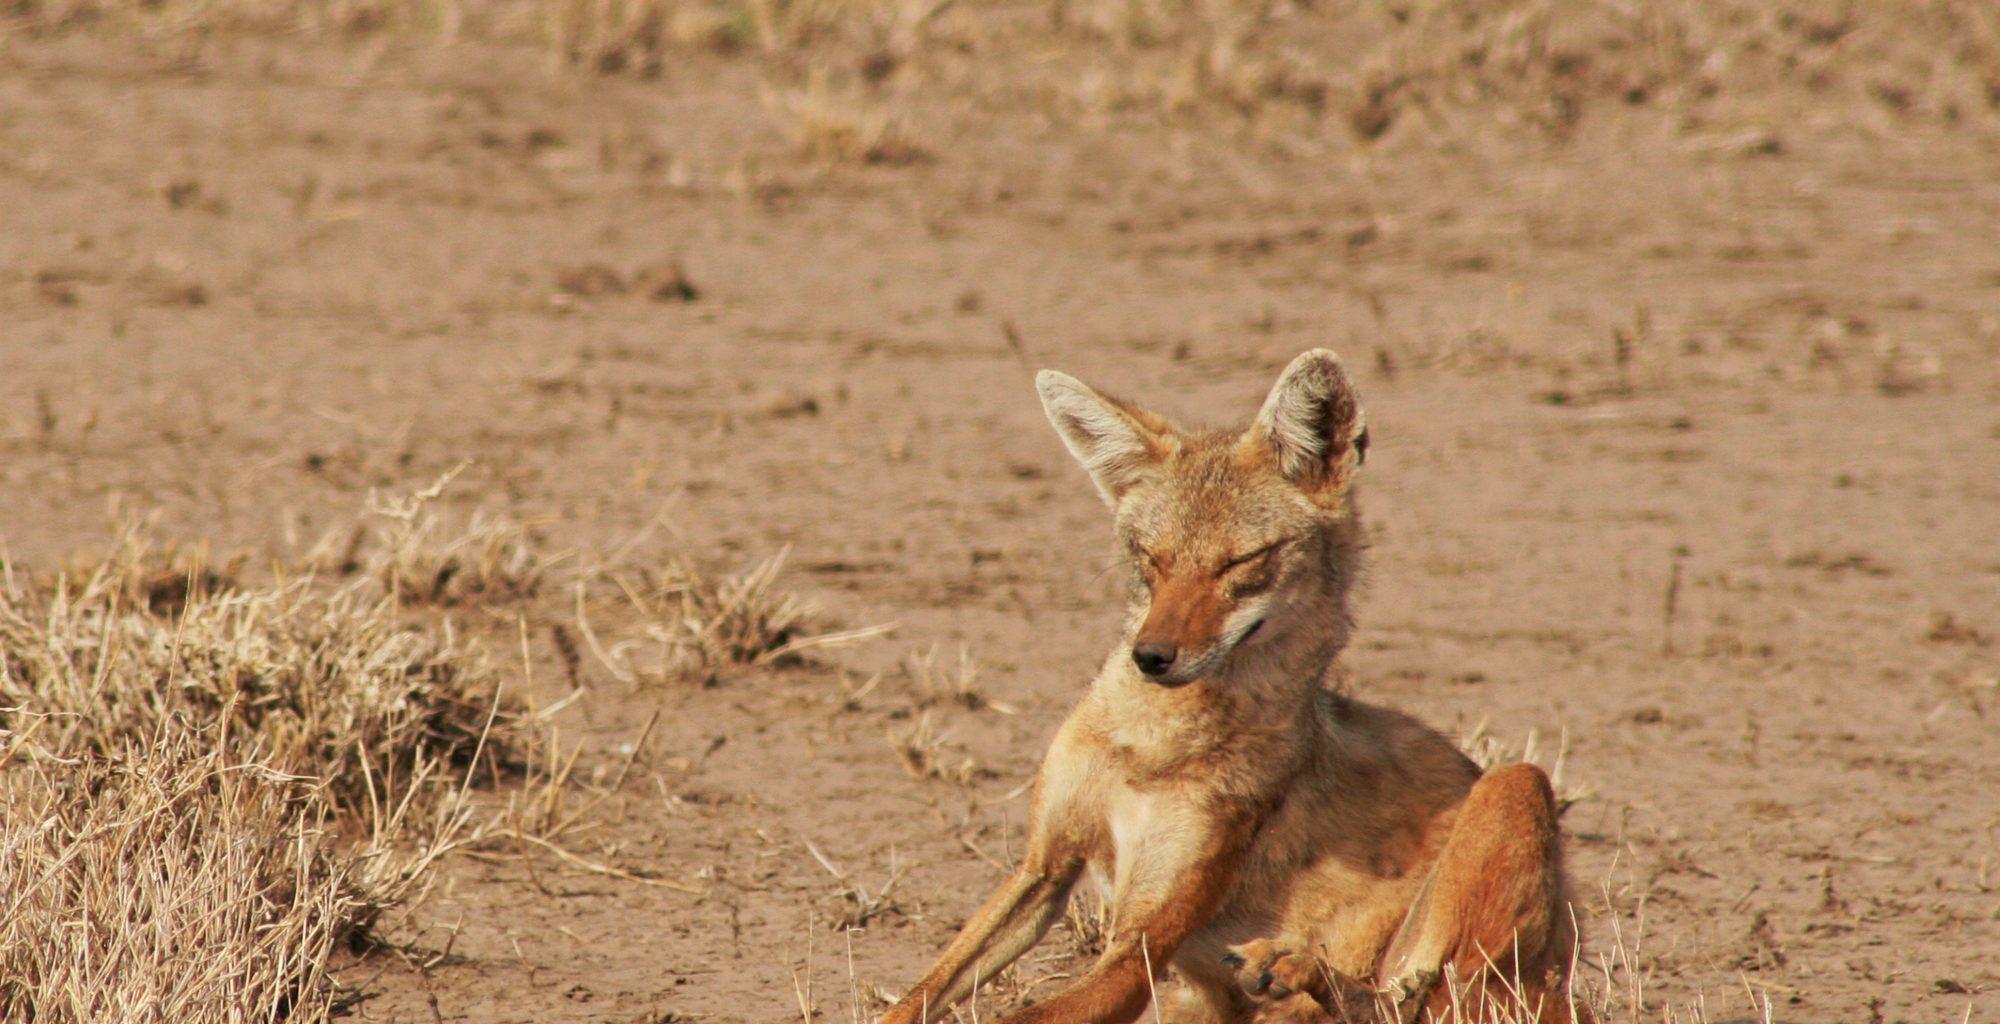 Ethiopia-Awash-Alledeghi-Wildlife-Jackal